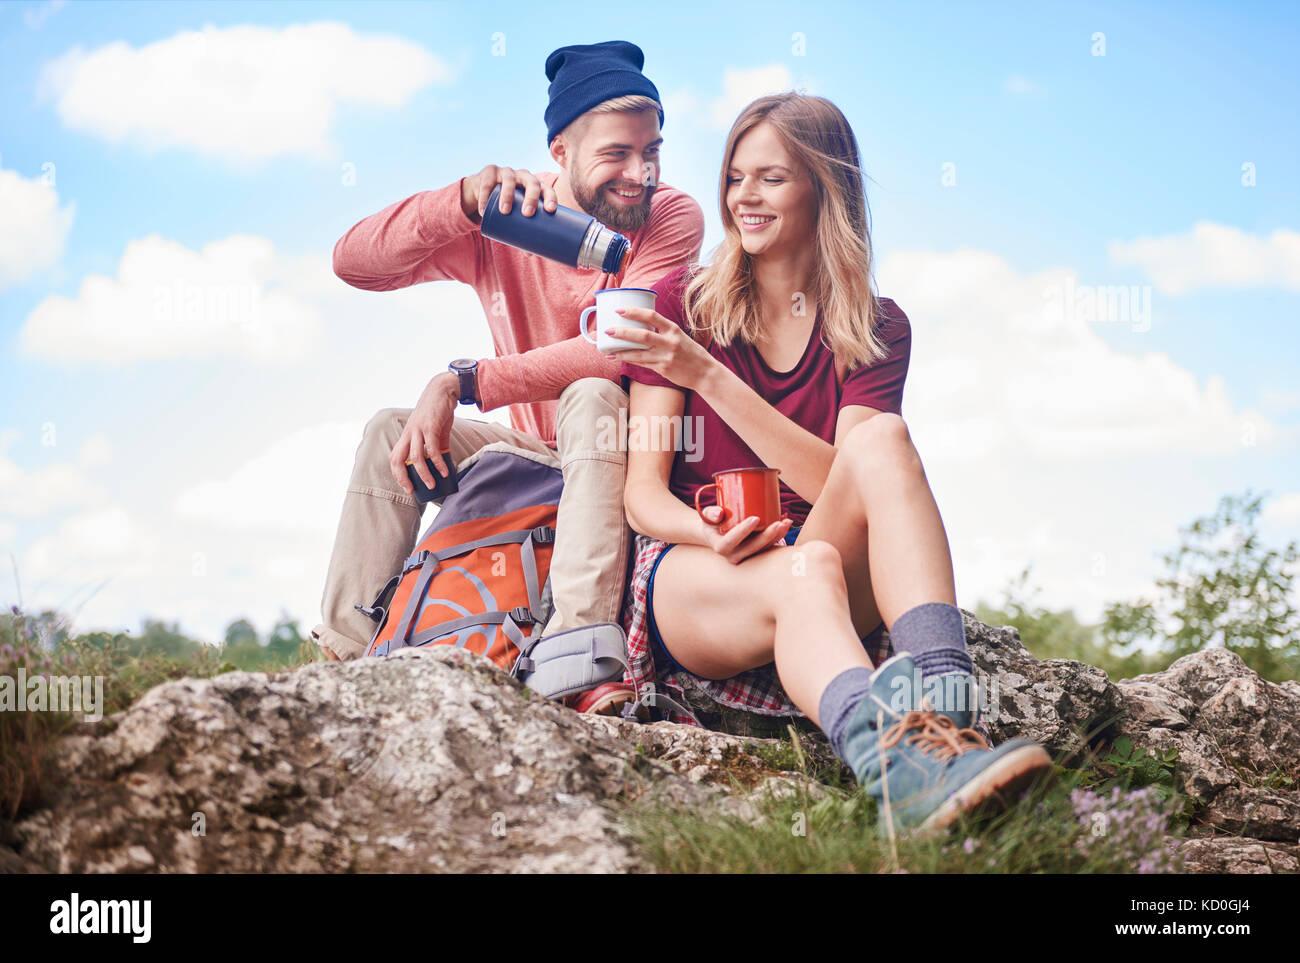 Paar wandern, auf Felsen gießen Drink von Kolben in Emaille Tasse, Krakow, Malopolskie, Polen, Europa Stockbild